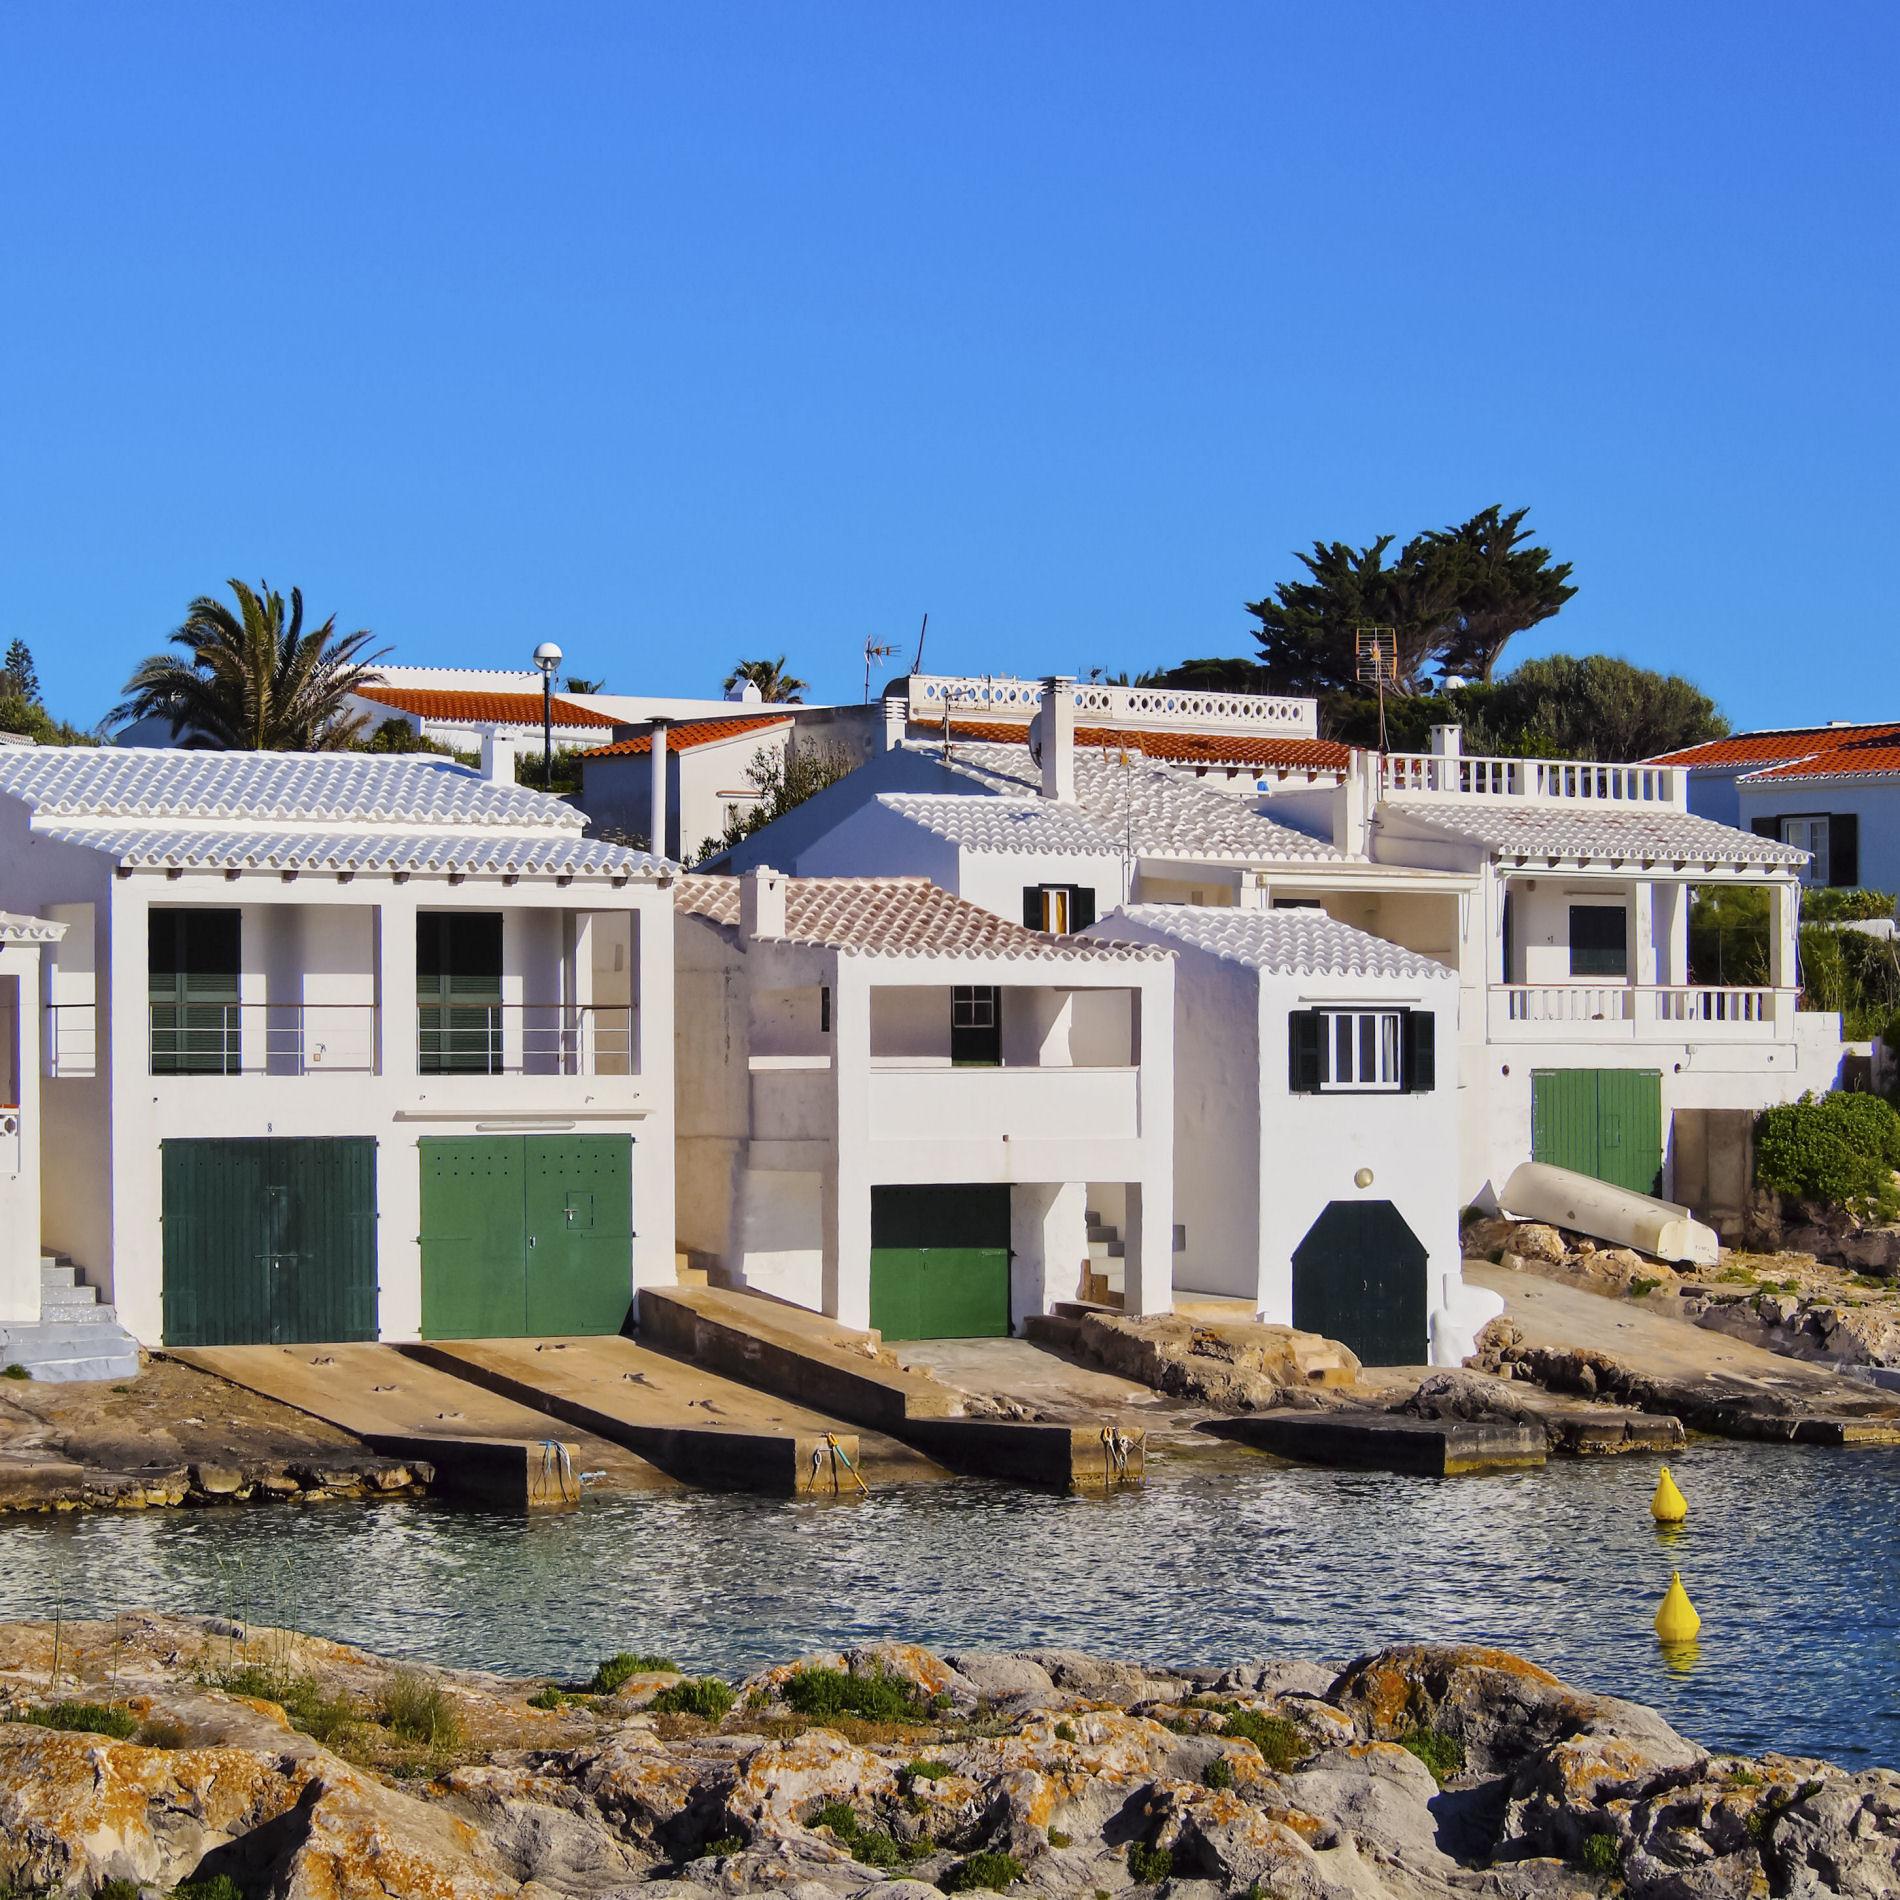 Dove le case costano meno all'estero